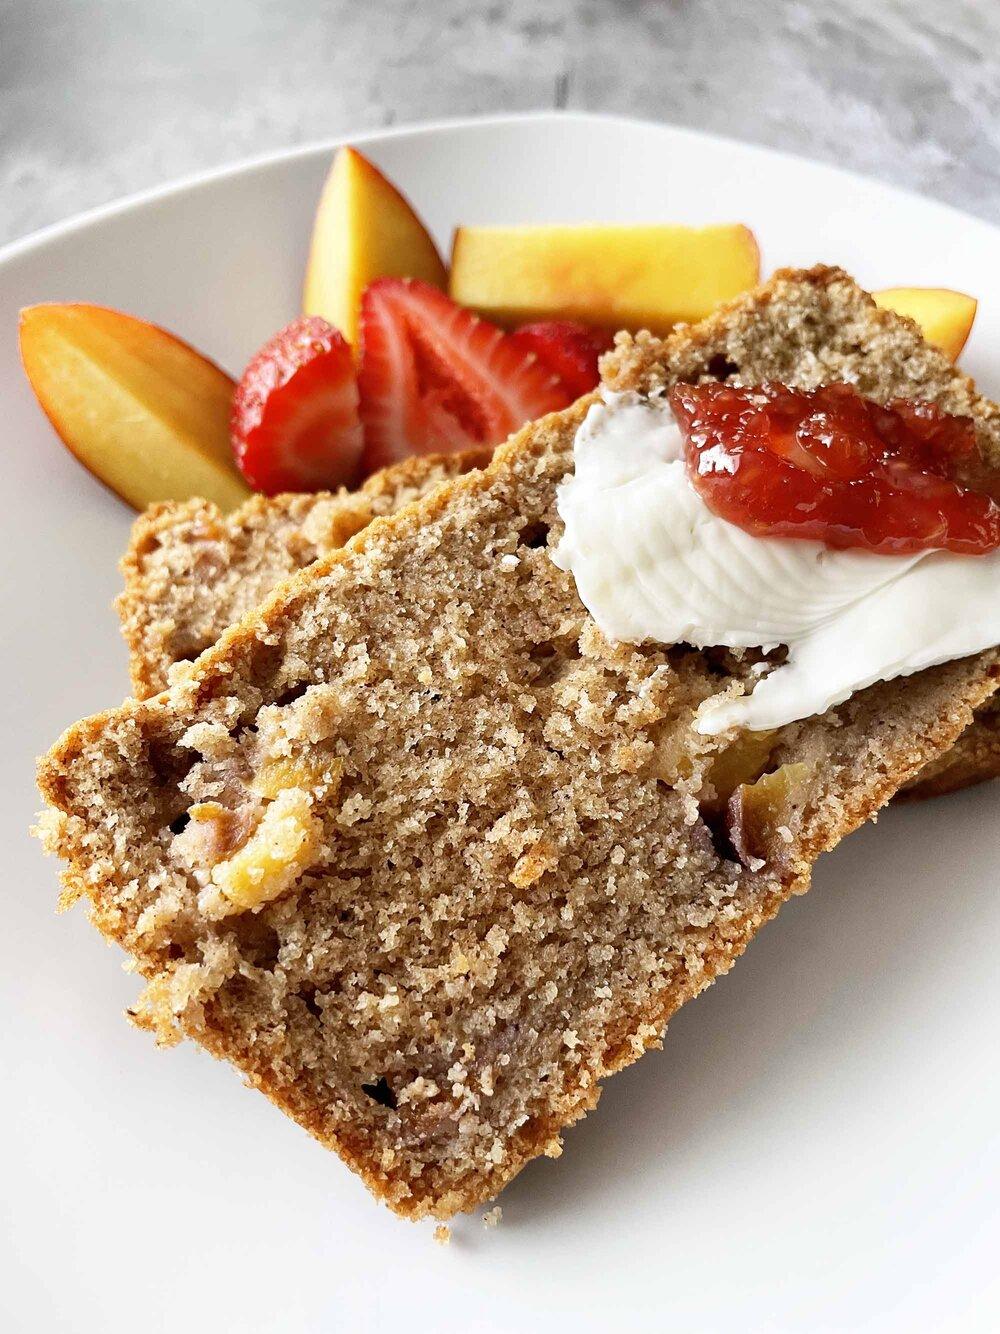 spiced-peach-bread11.jpg